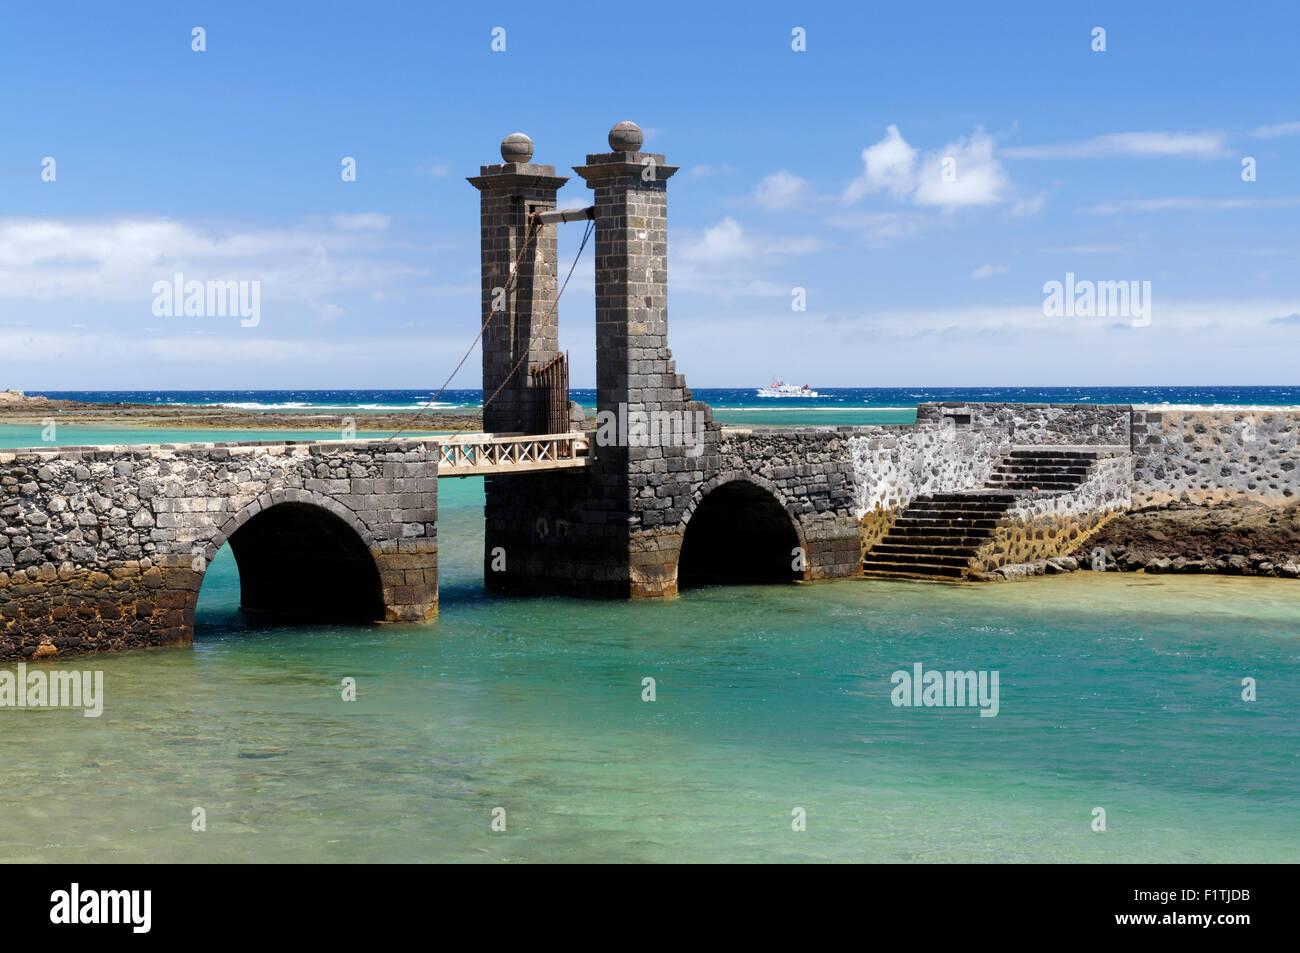 Puente de las Bolas (Bridge of the Balls) drawbridge Arrecife capital city of Lanzarote, Canary Islands, Spain. Stock Photo